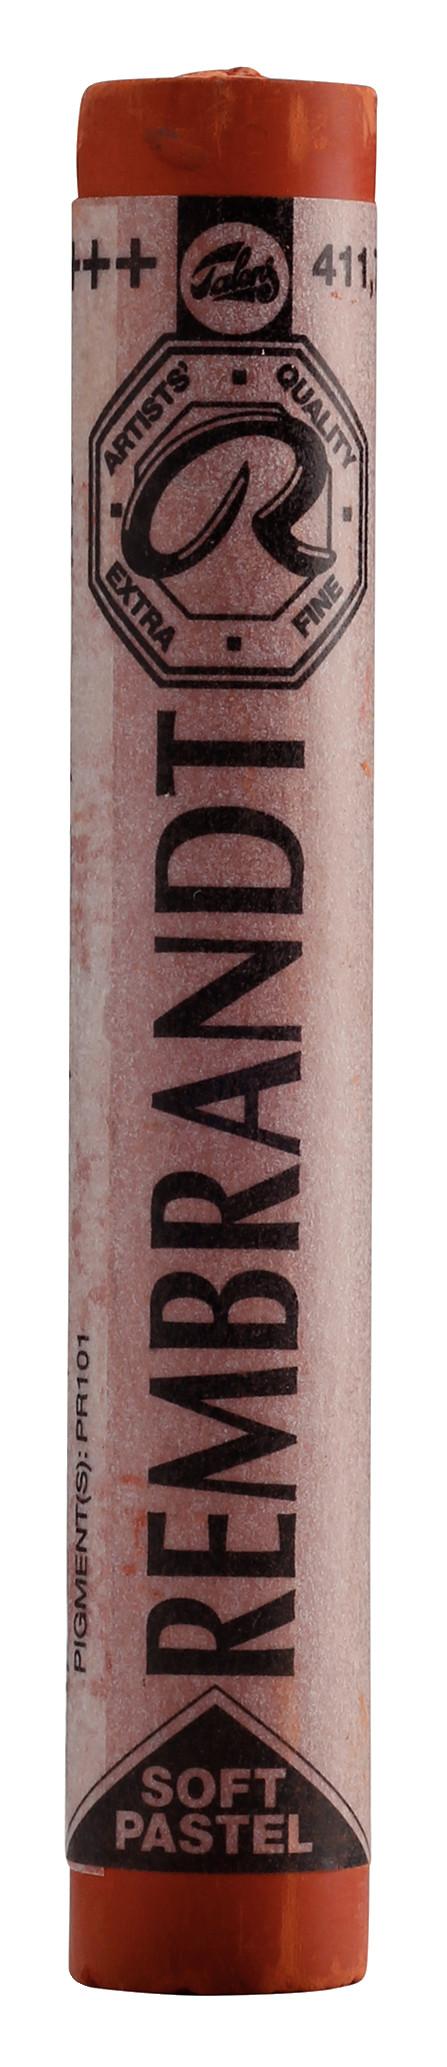 Rembrandt Soft Pastel Round Full Stick Burnt Sienna(7) (411.7)